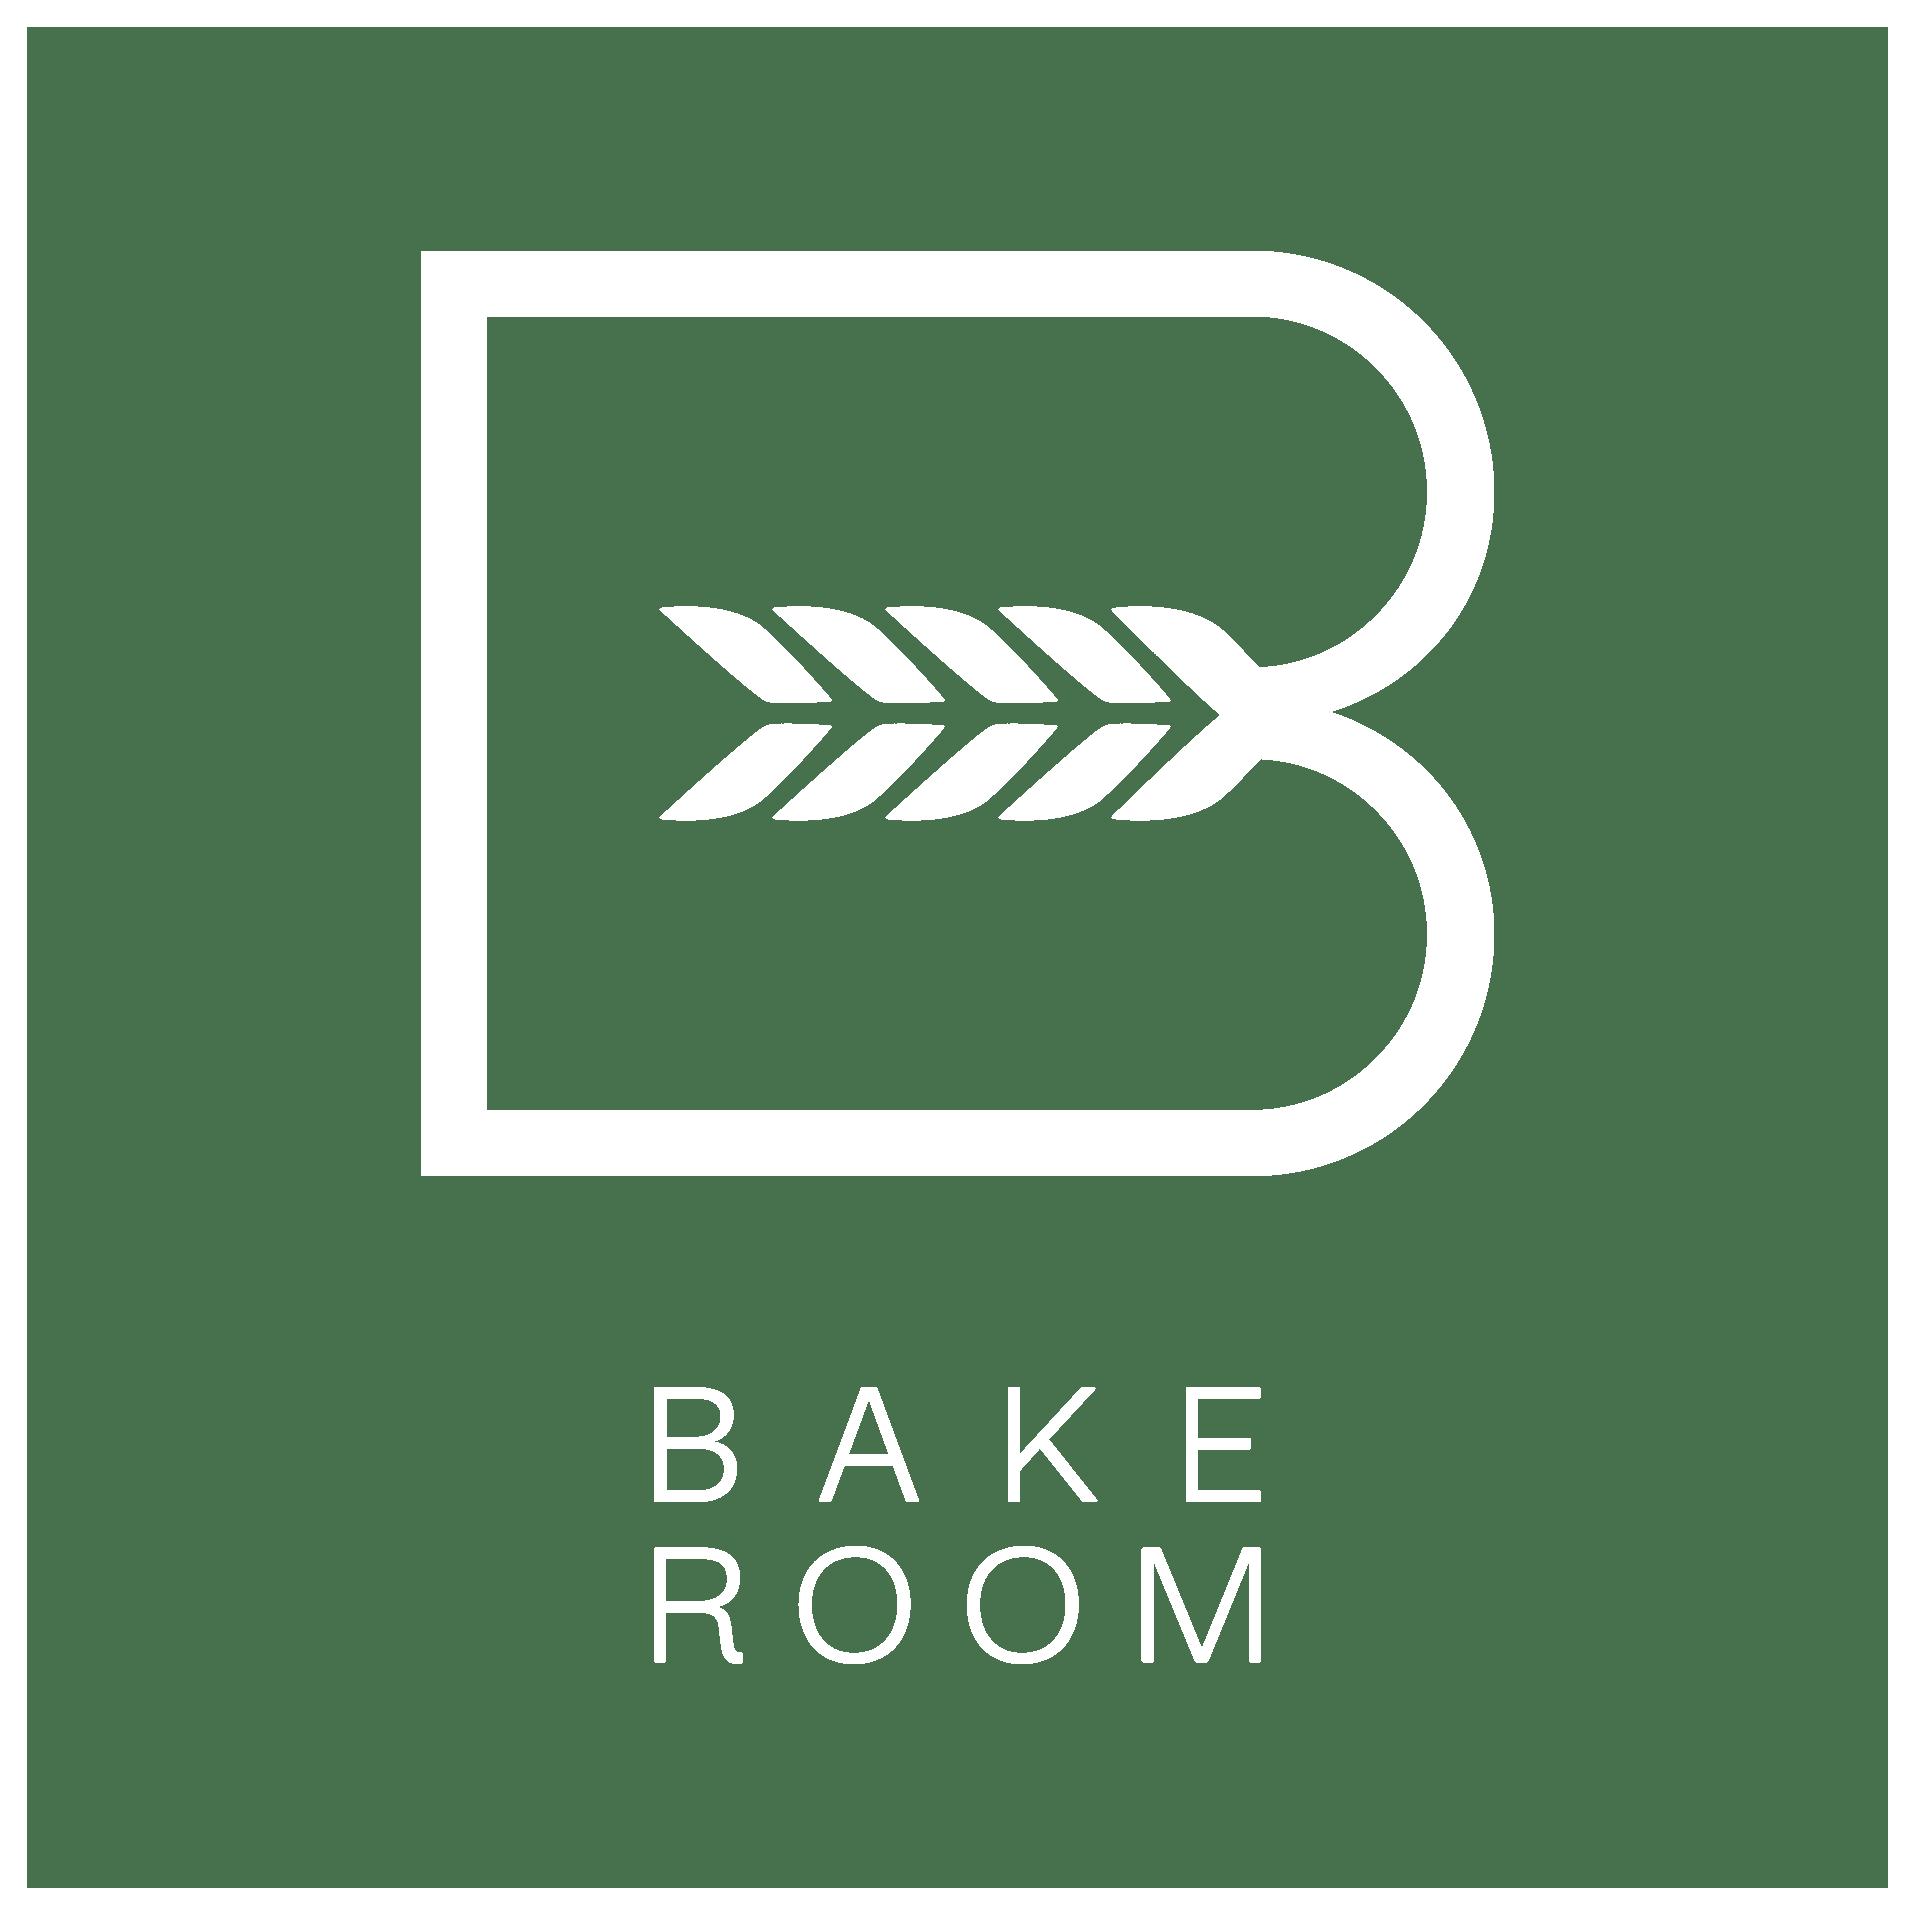 Bake Room White Logo